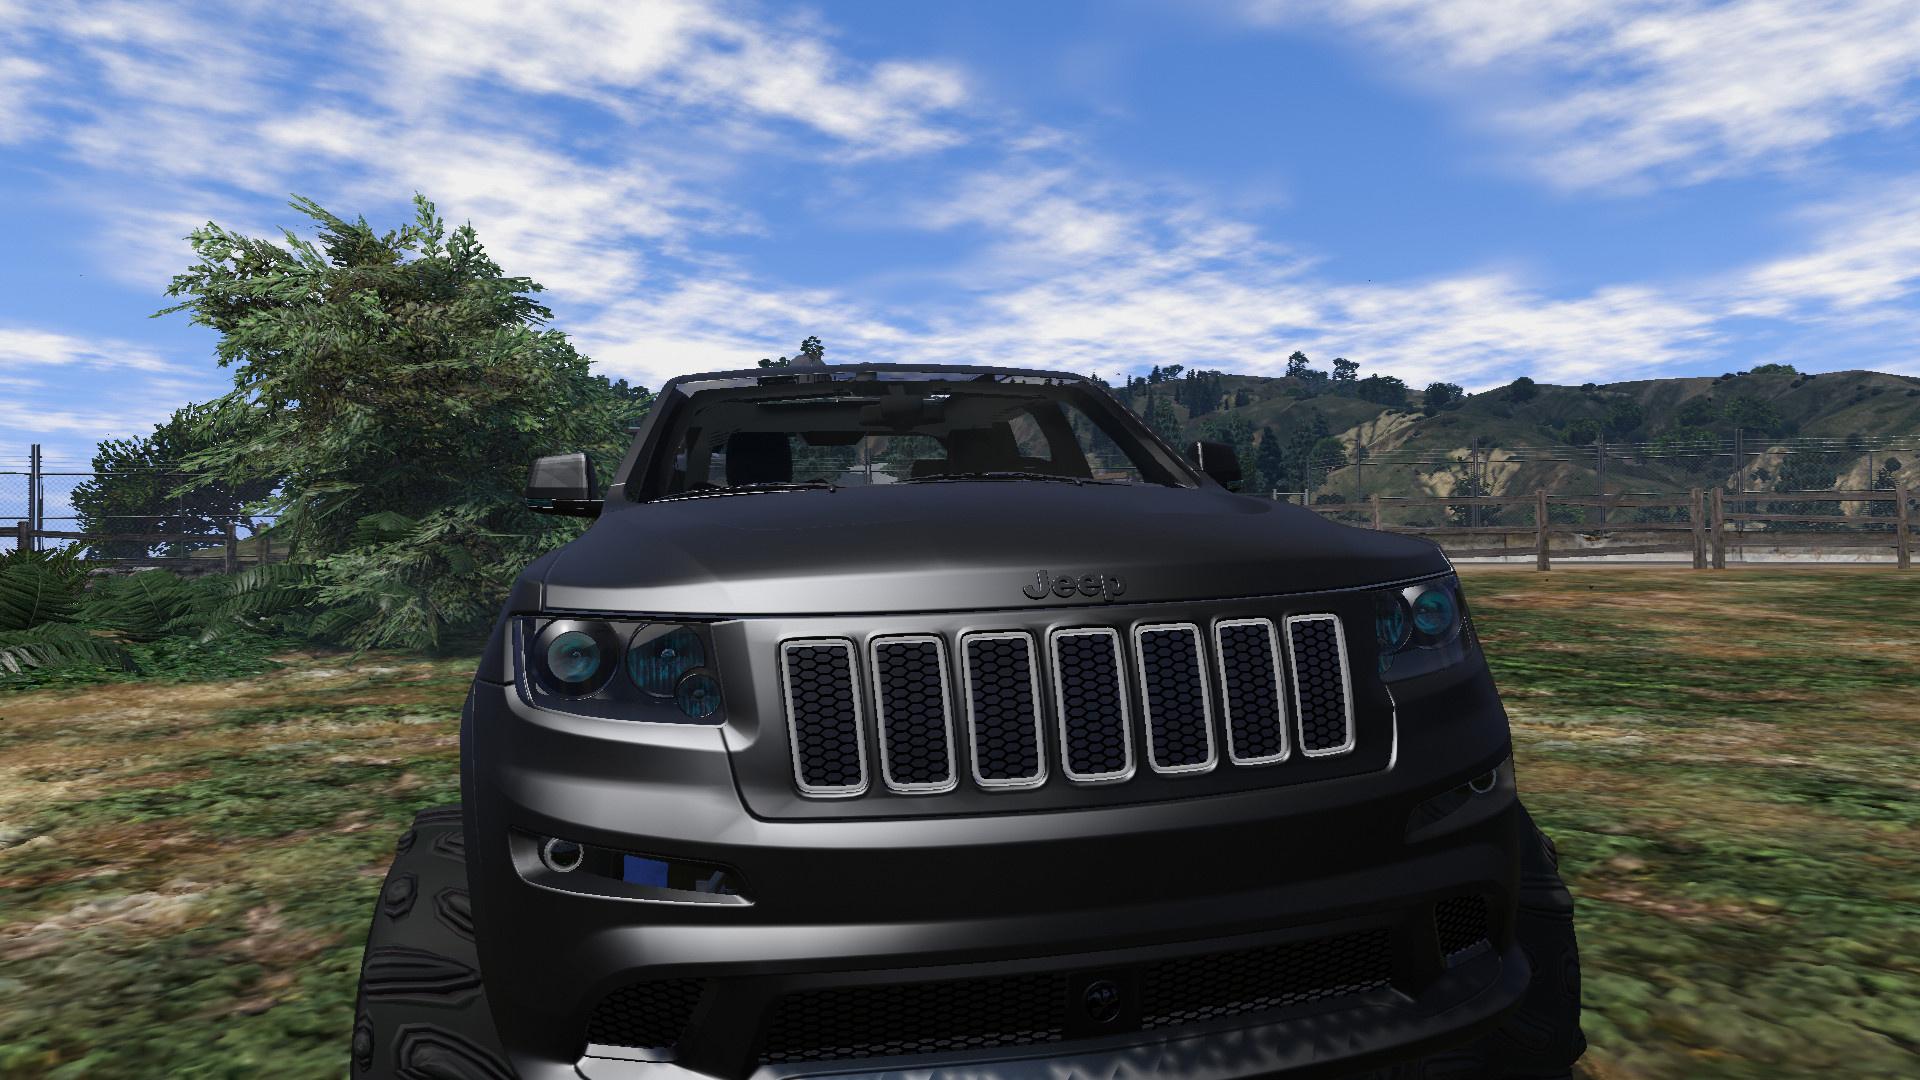 0dbfc4 Jeep4